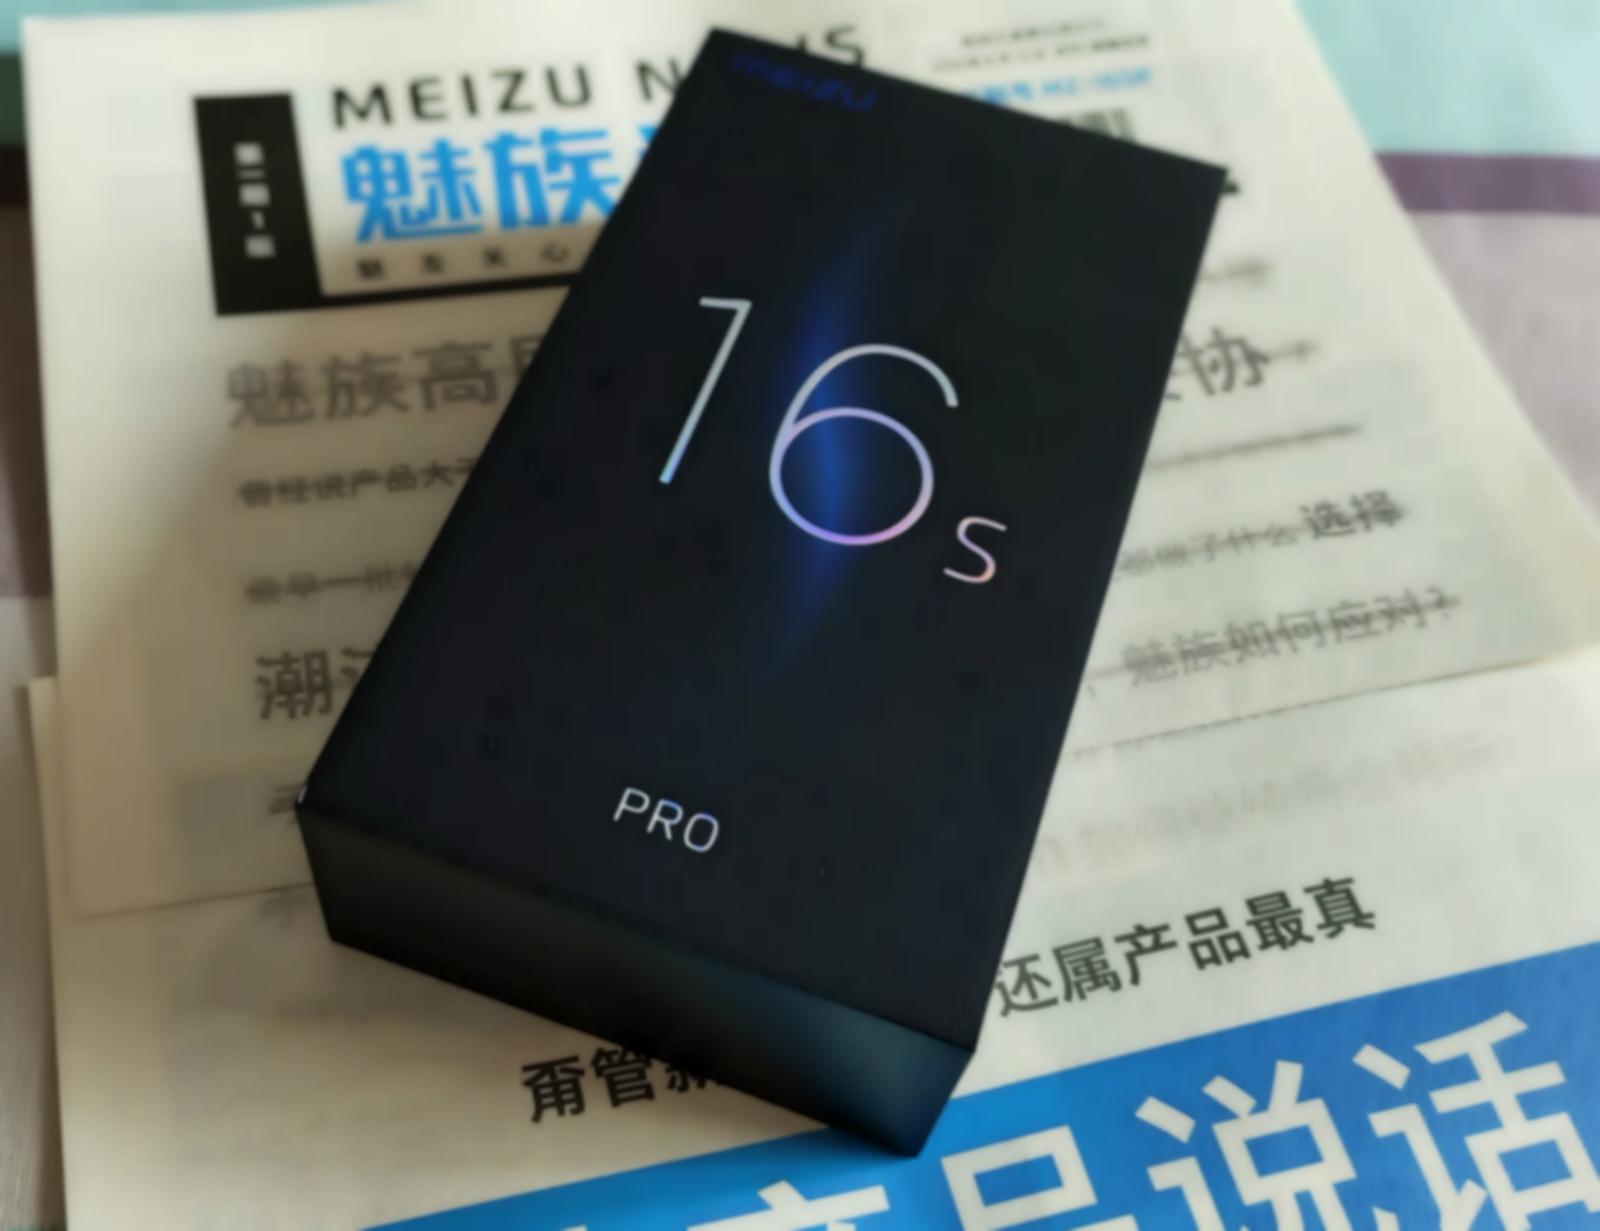 原创魅族16sPro这才是一部精心打磨的旗舰手机